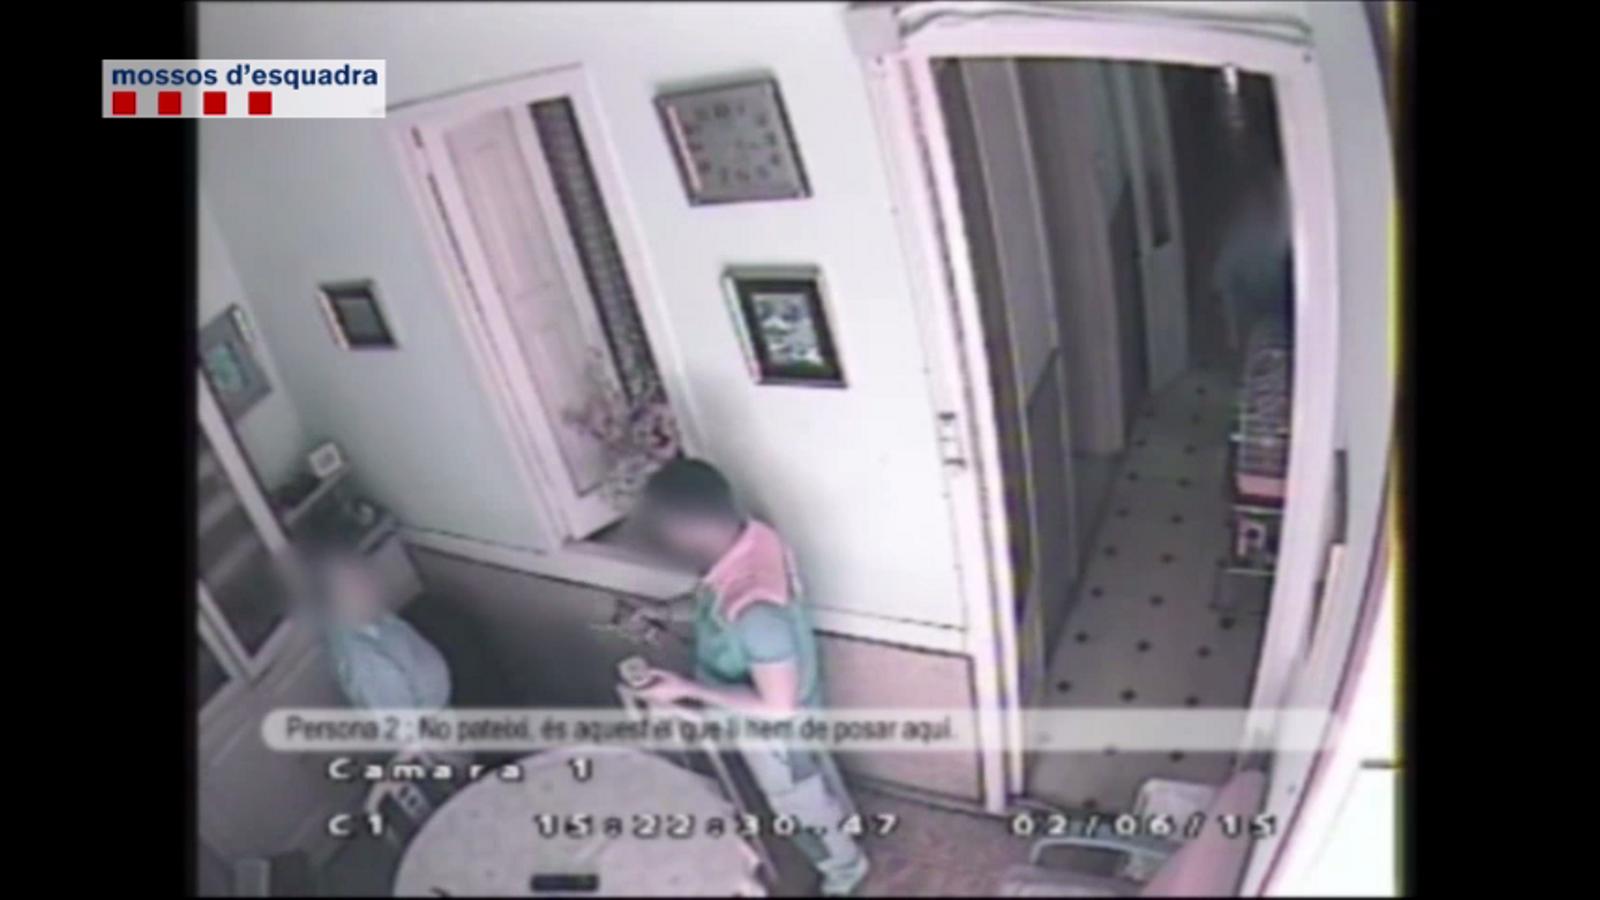 L'estafa dels revisors de gas, enxampada 'in fraganti' en un vídeo